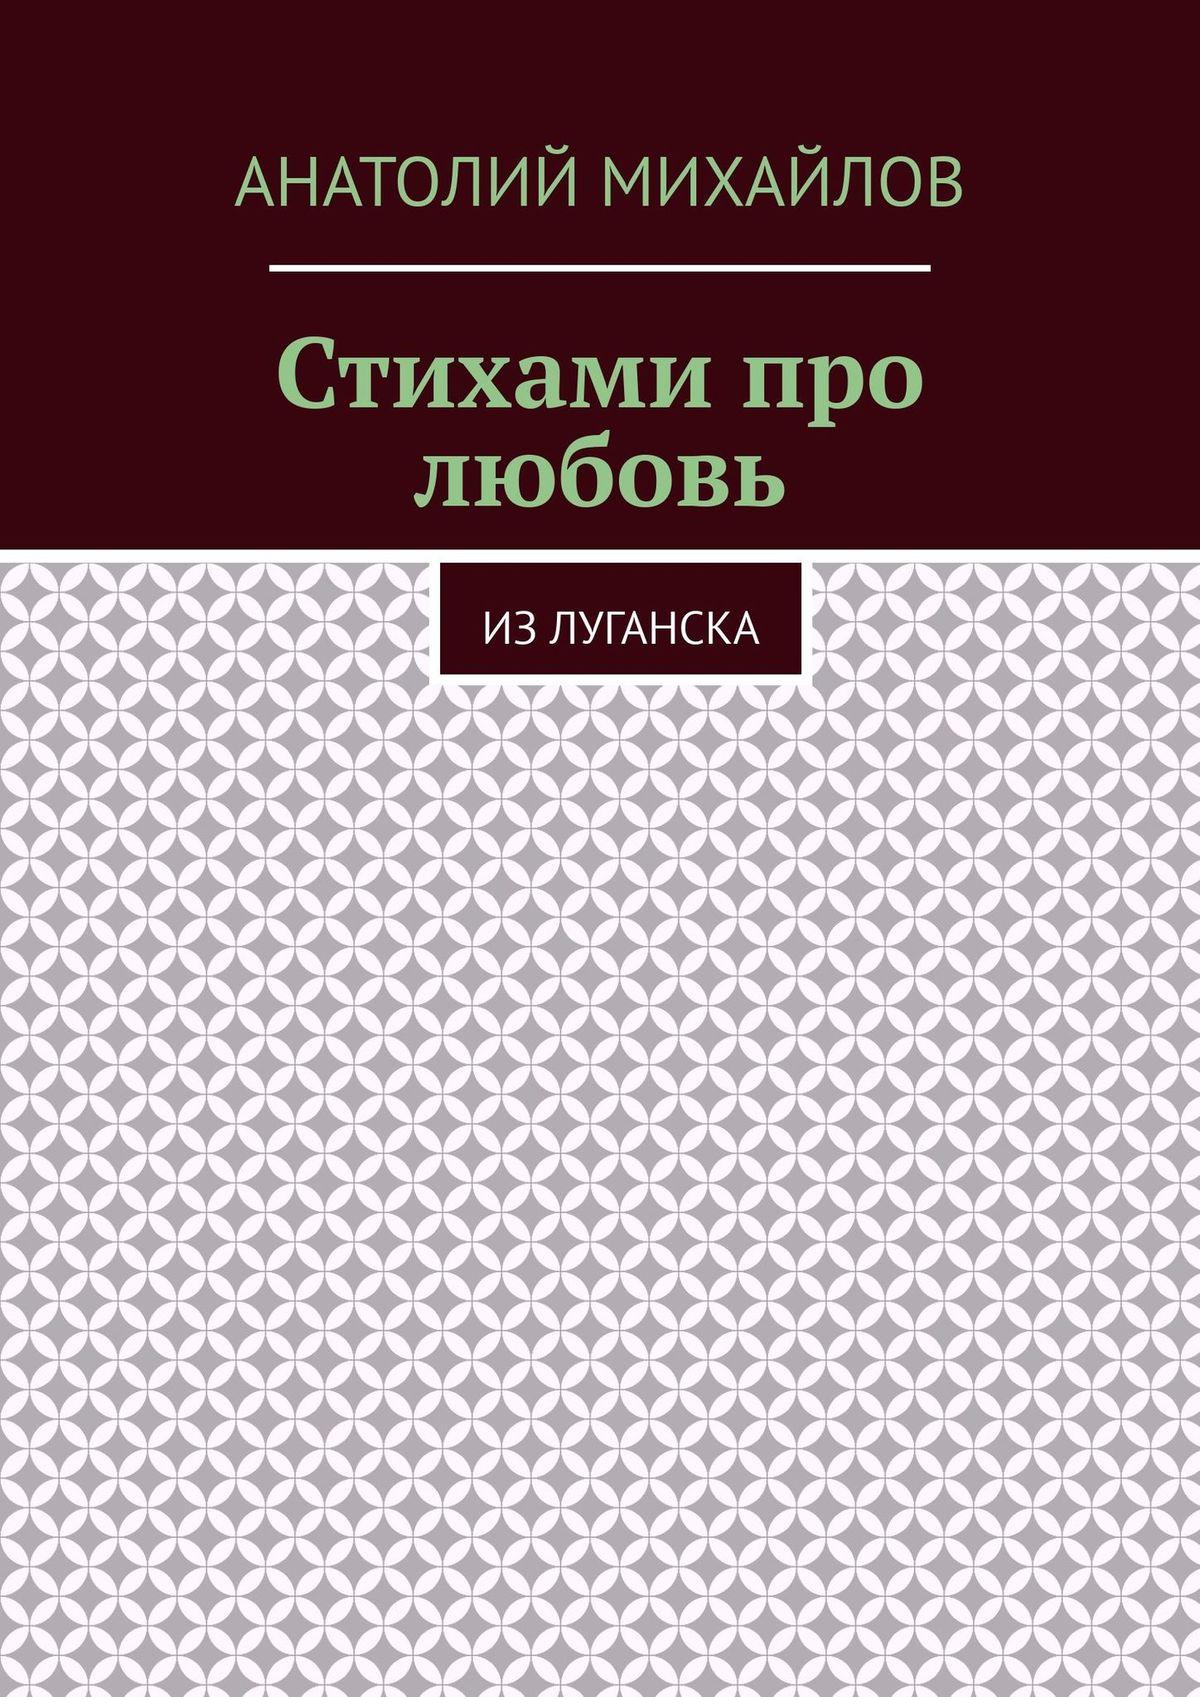 Анатолий Евгеньевич Михайлов Стихами про любовь. Из Луганска пеунова с про любовь